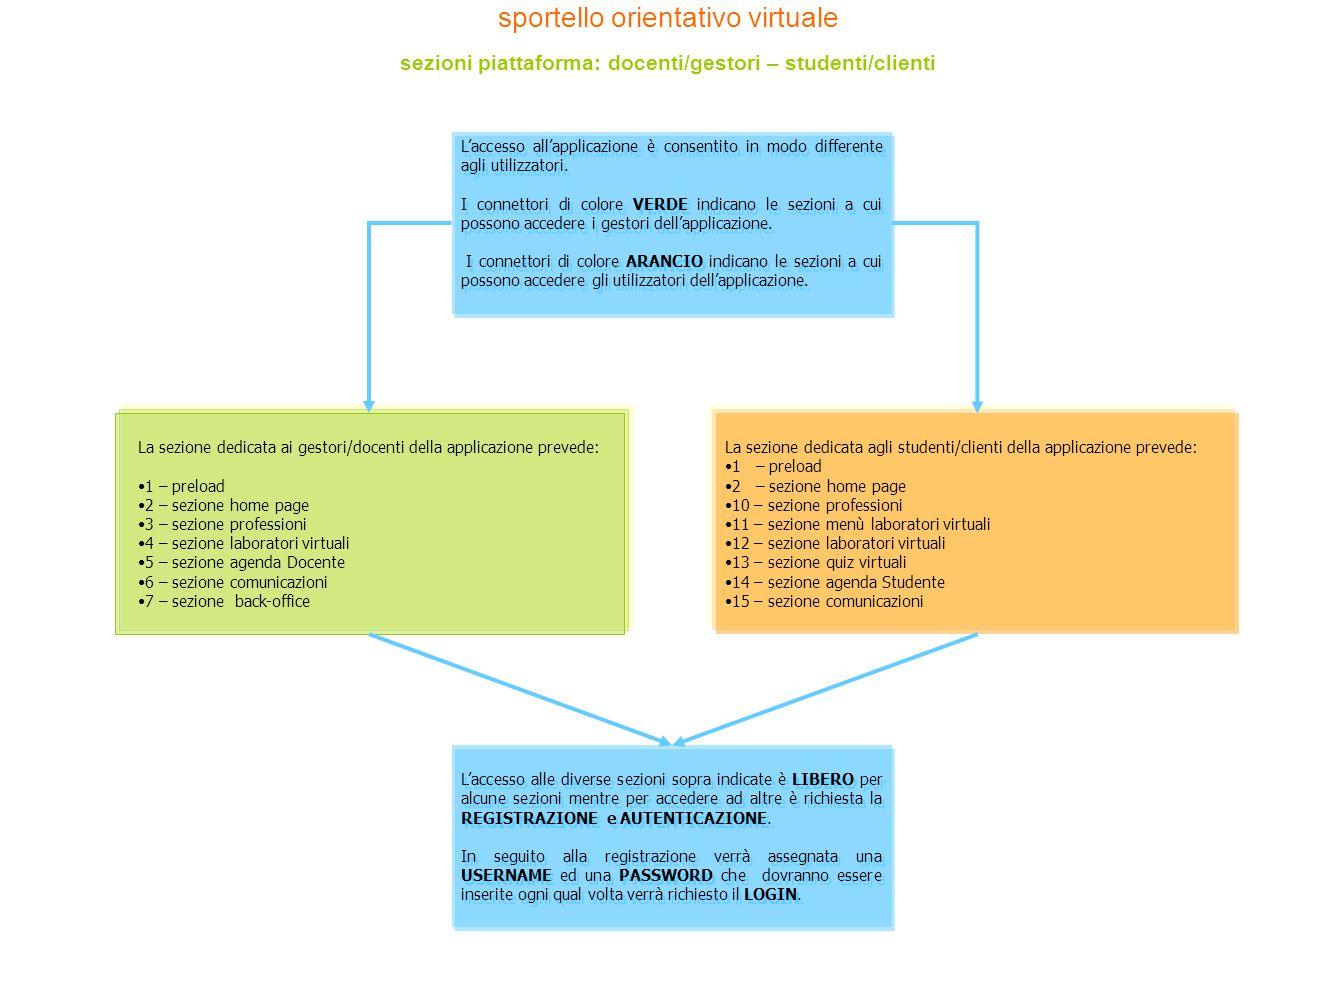 sportello orientativo virtuale sezione agenda Docente: COMUNICAZIONI 4 5